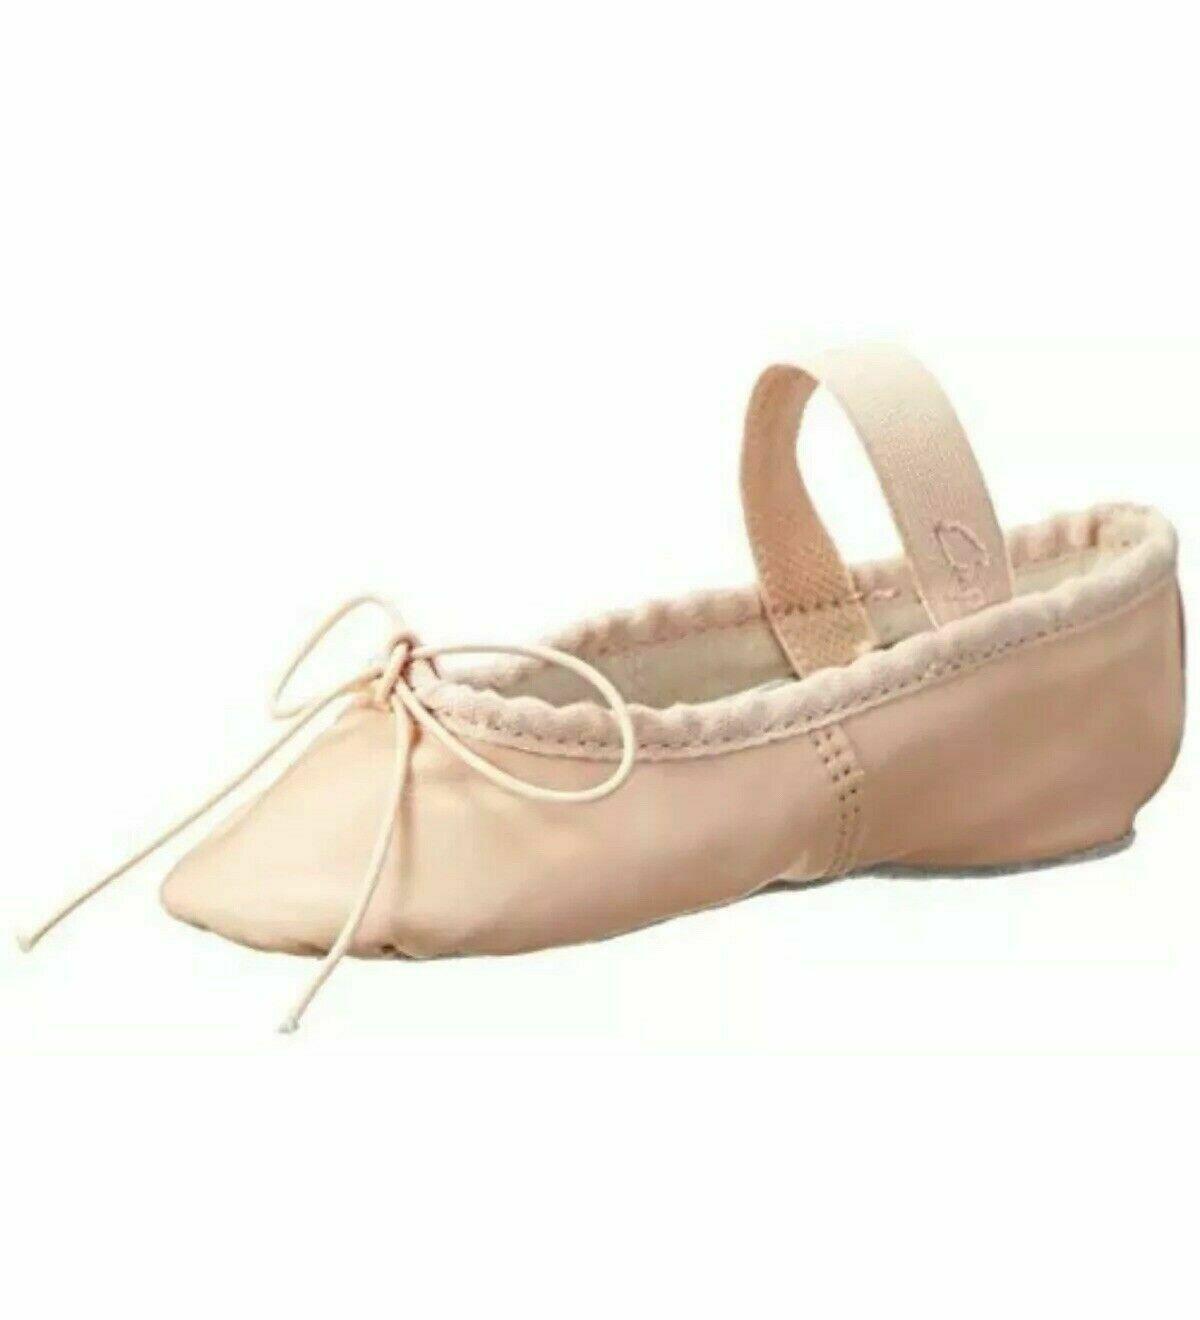 Capezio Adult Teknik 200 NPK Pink Full Sole Ballet Shoe Size 6.5C 6.5 C